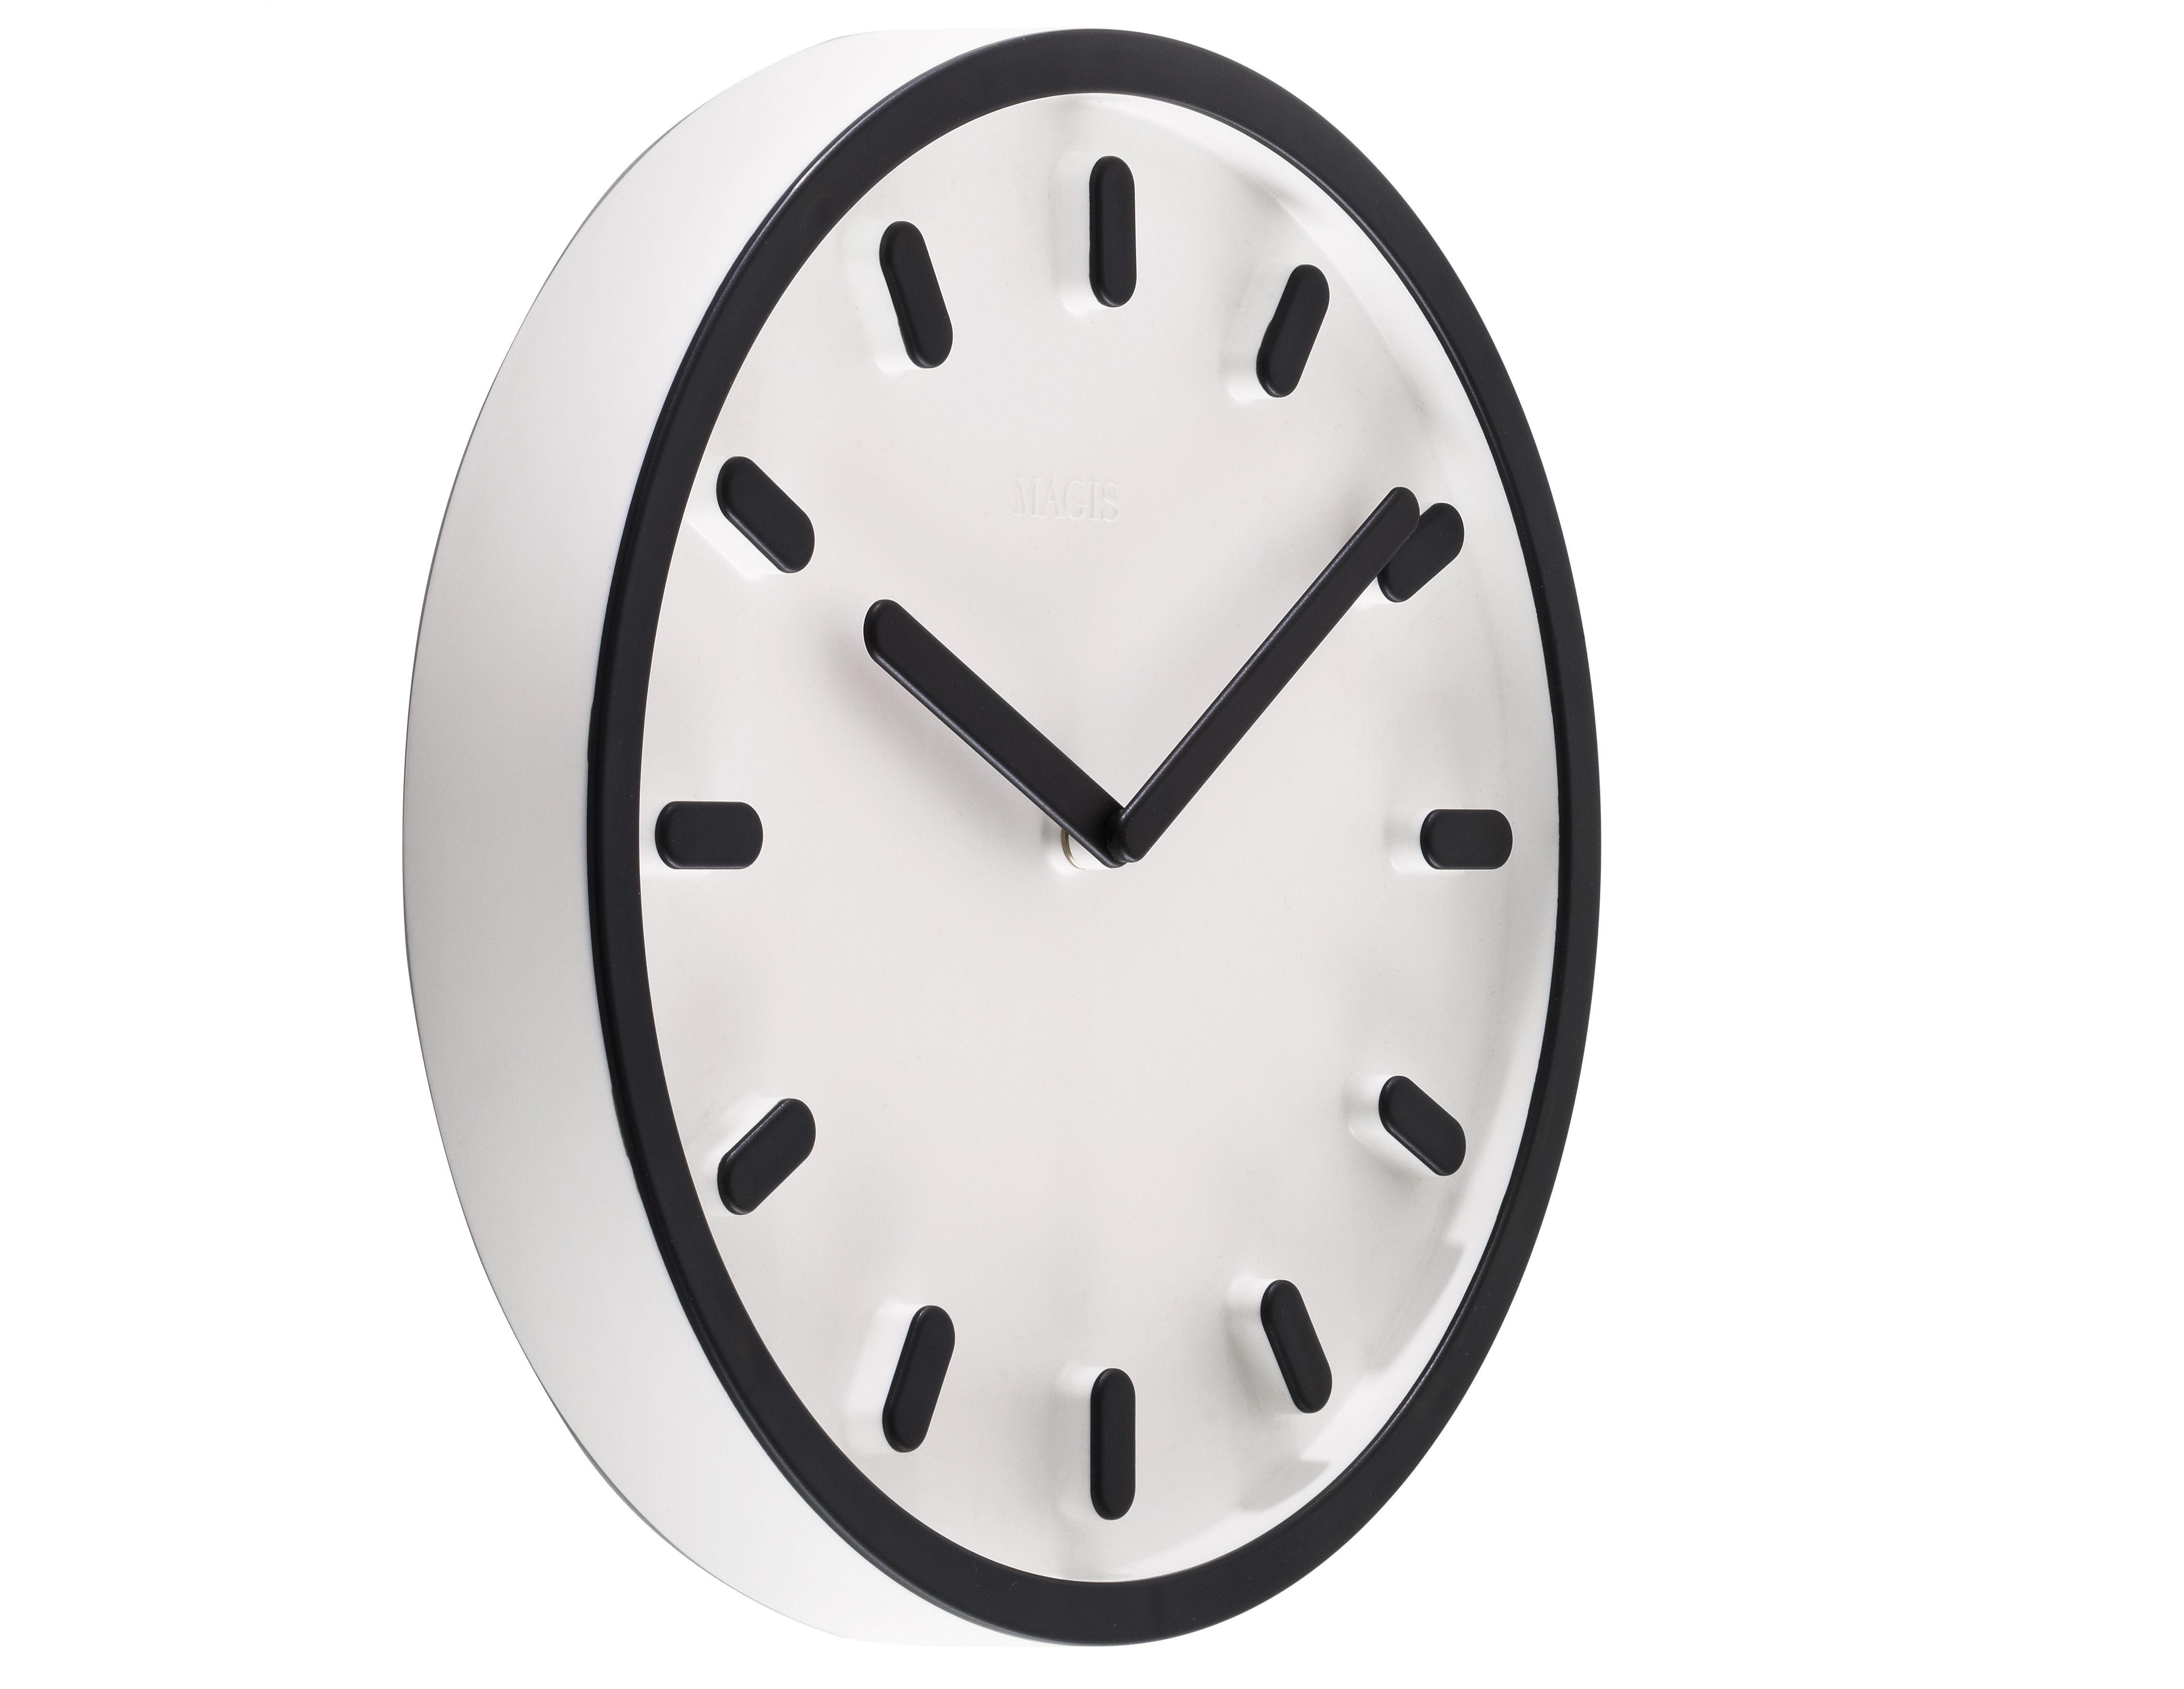 Déco - Horloges  - Horloge murale Tempo - Magis - Noir - ABS